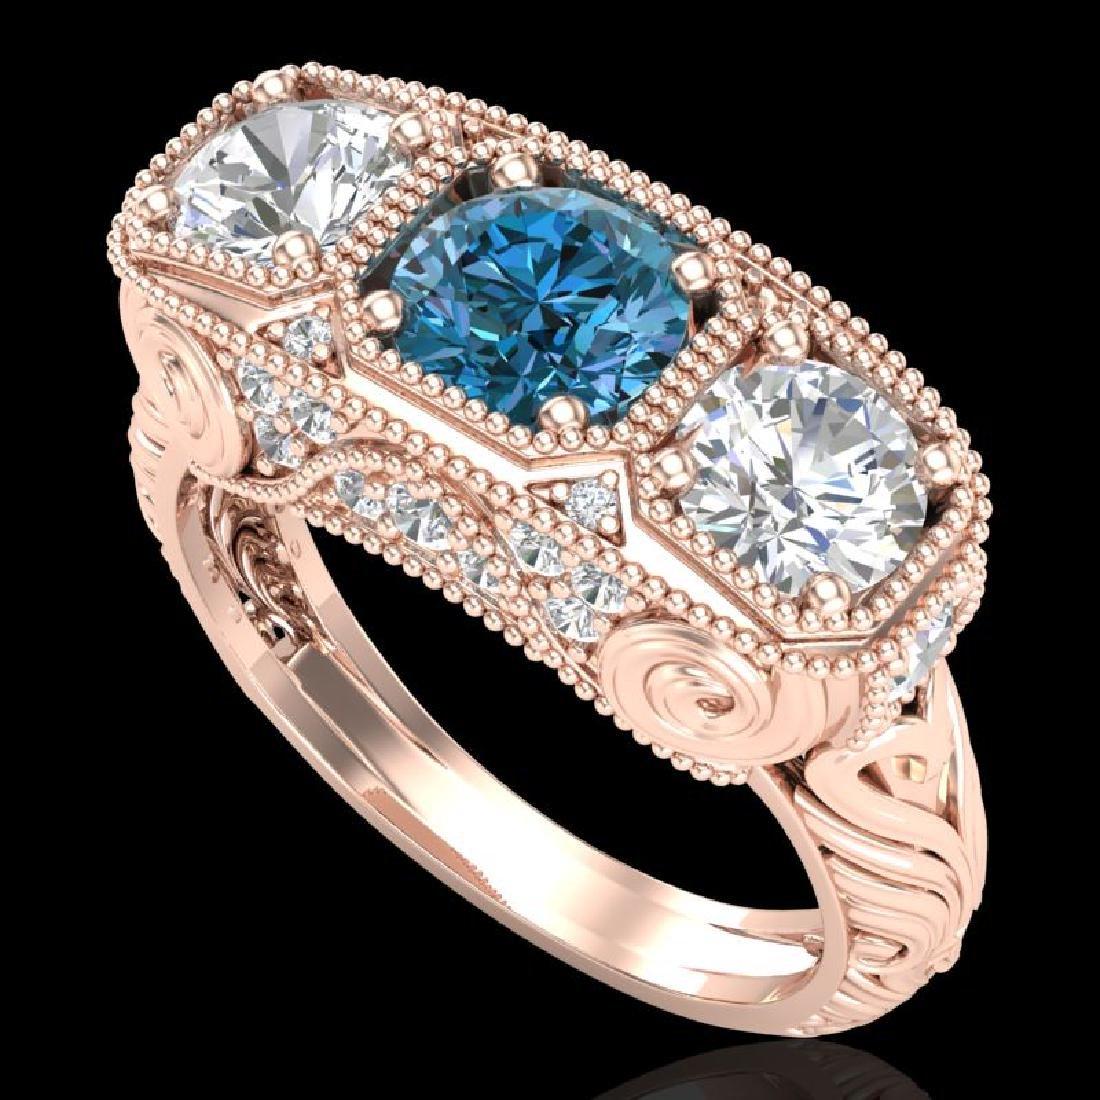 2.51 CTW Intense Blue Diamond Solitaire Art Deco 3